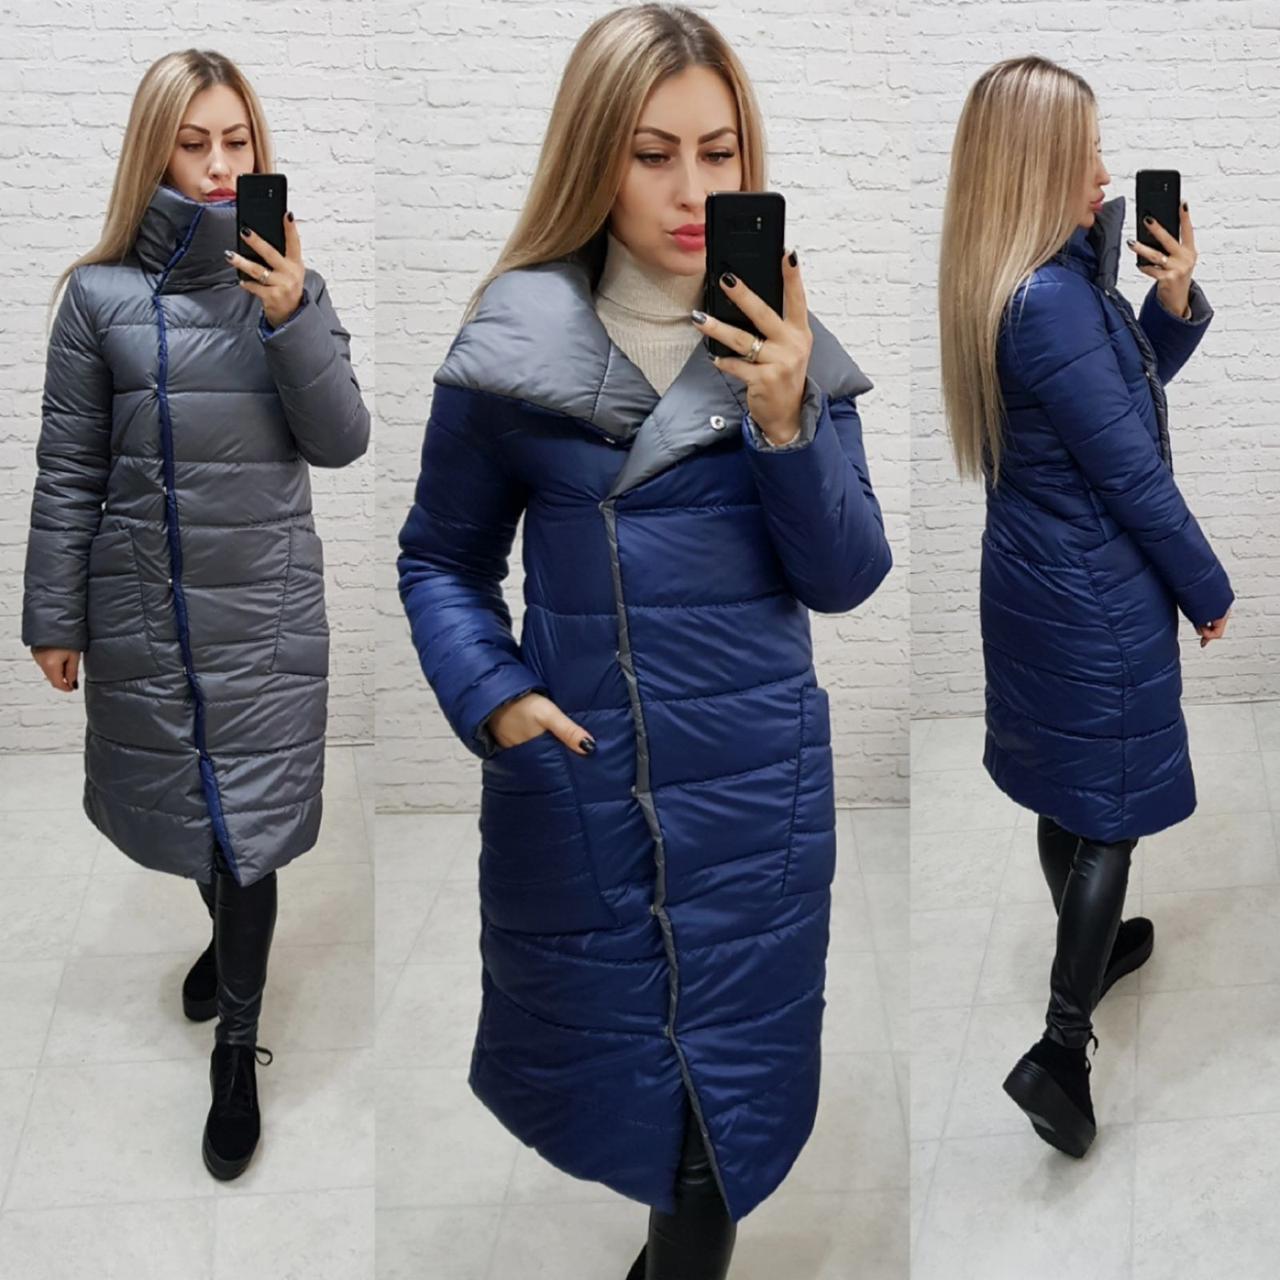 Пуховик одеяло европейская зима двухсторонний арт. 1006 синий с серым / серый с синим